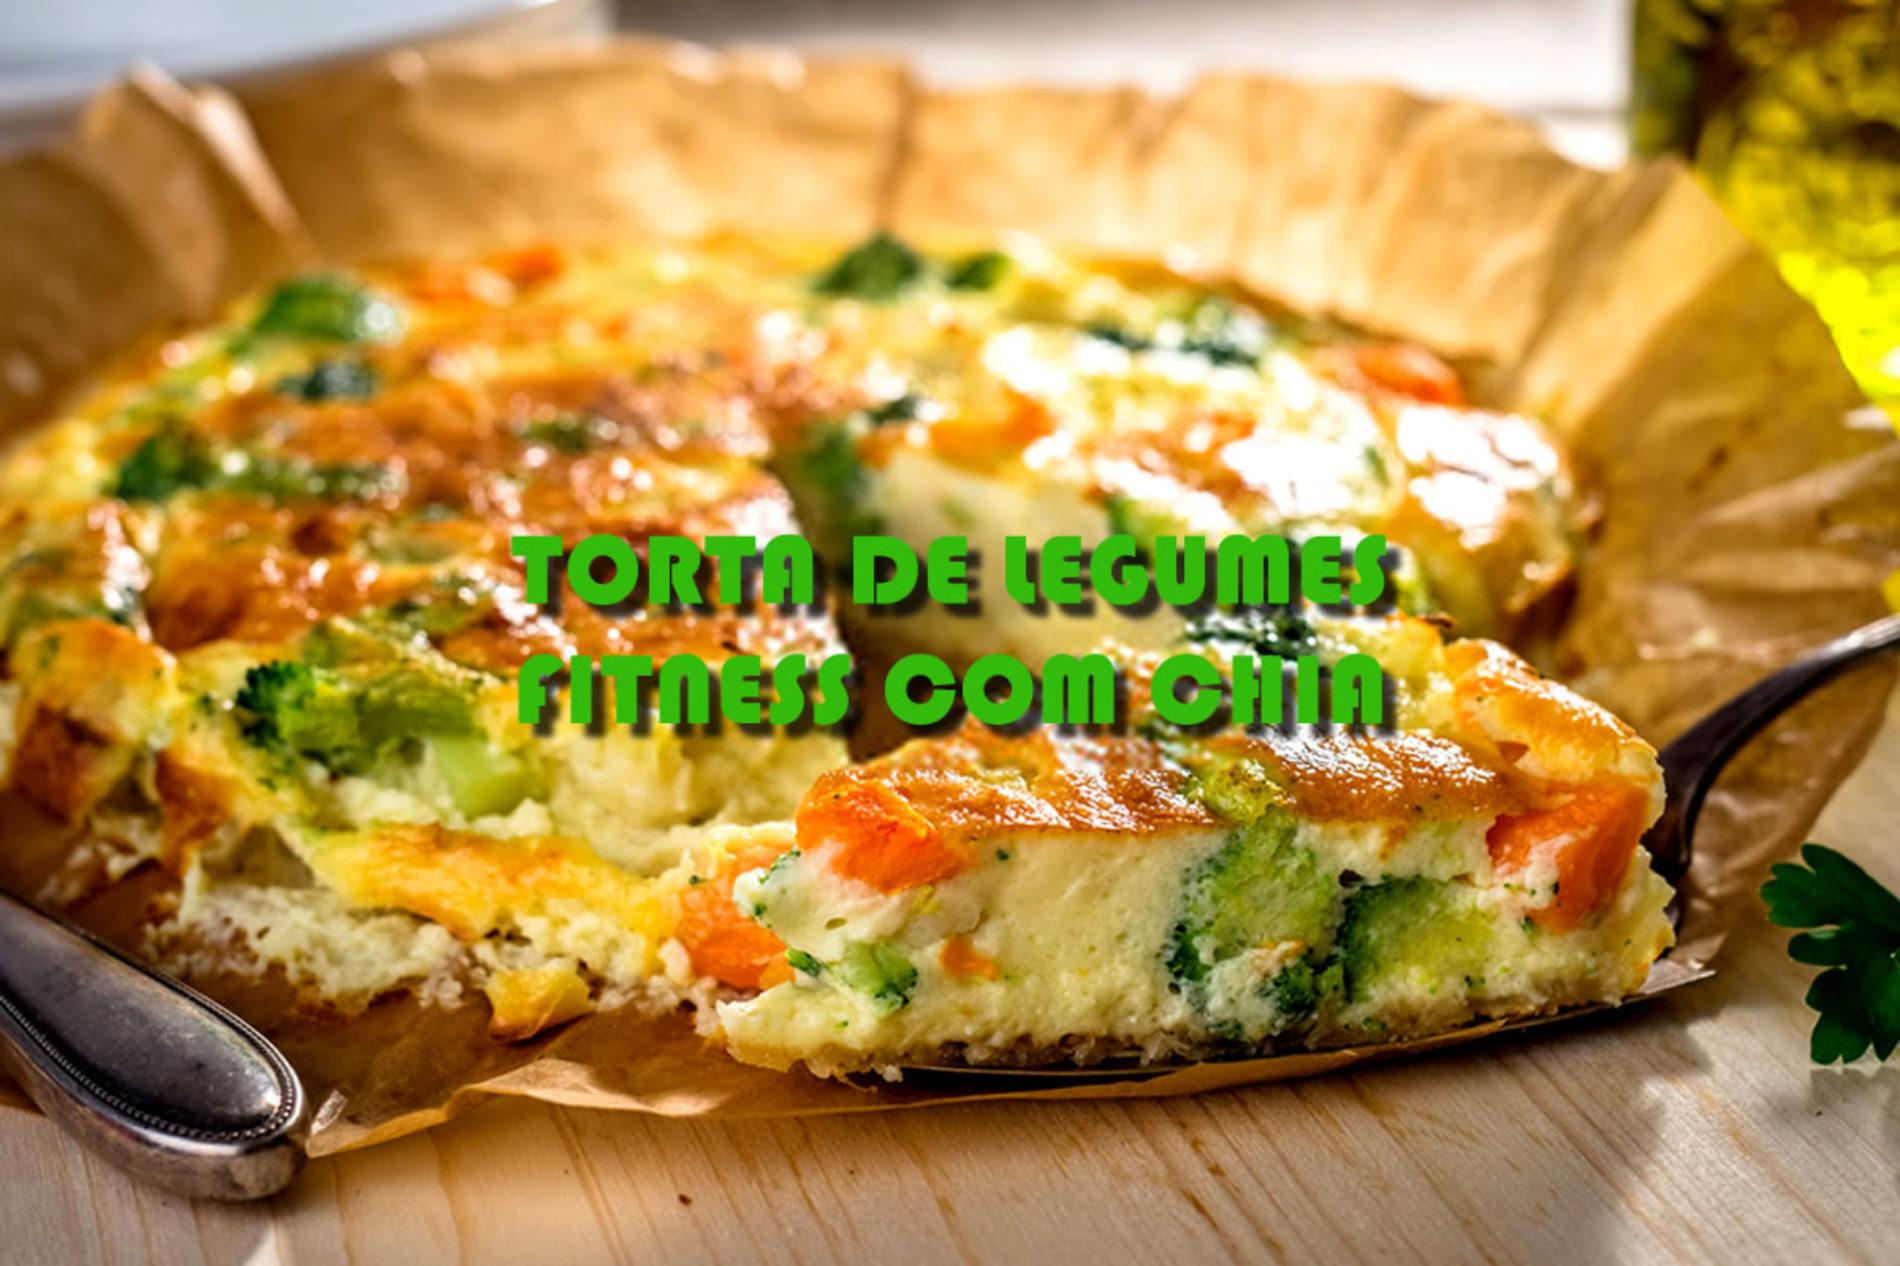 Torta de legumes FIT com chia